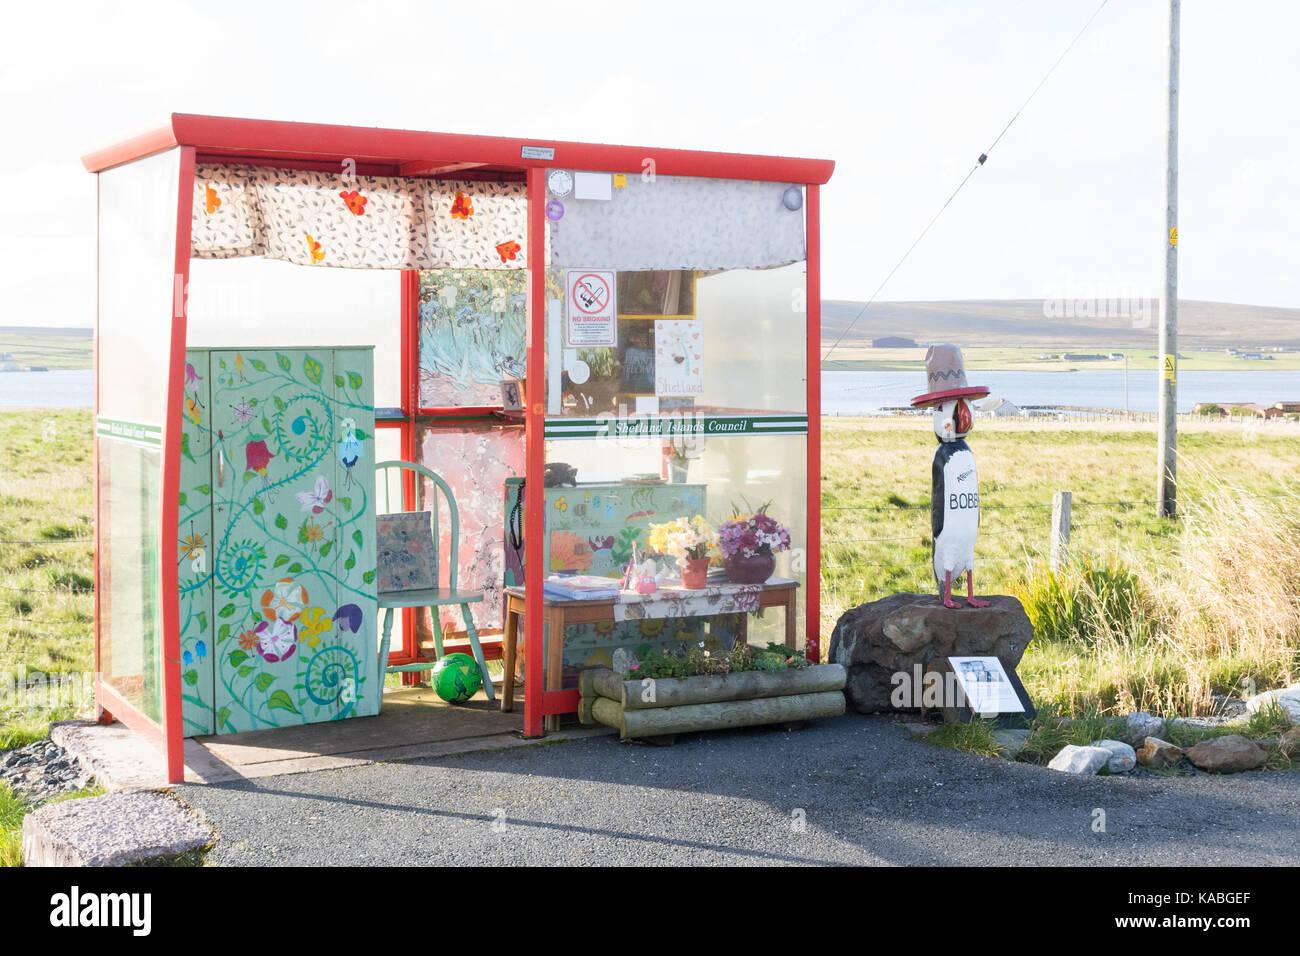 L'arrêt de bus - une attraction touristique de Unst, shetland, Scotland, UK Photo Stock